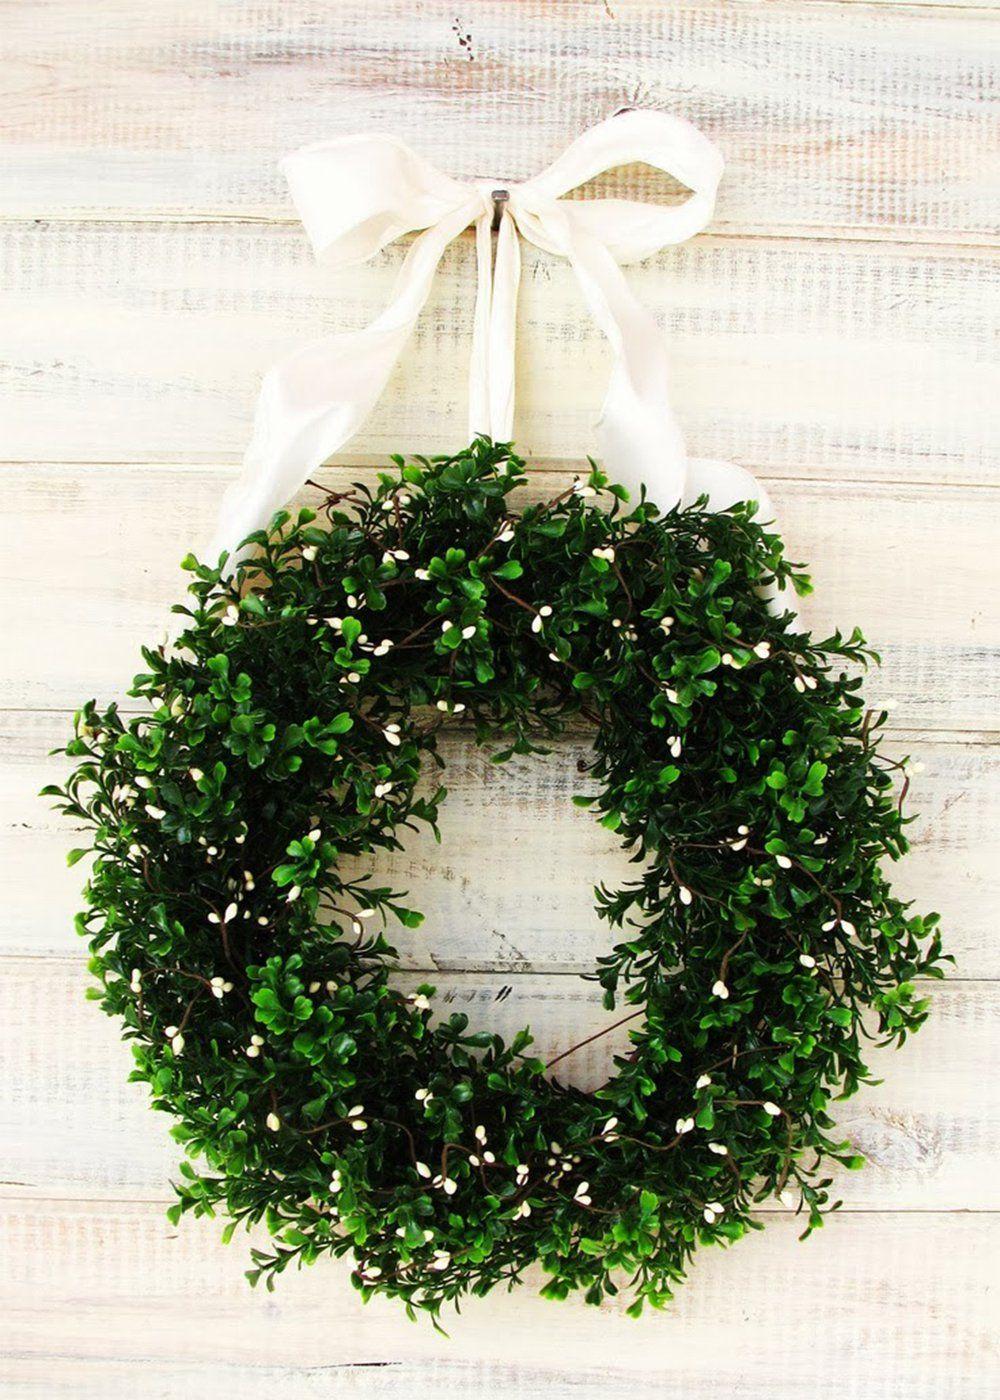 couronne de no l en branche de feuilles et petites fleurs blanche avec un noeud pour l 39 accrocher. Black Bedroom Furniture Sets. Home Design Ideas